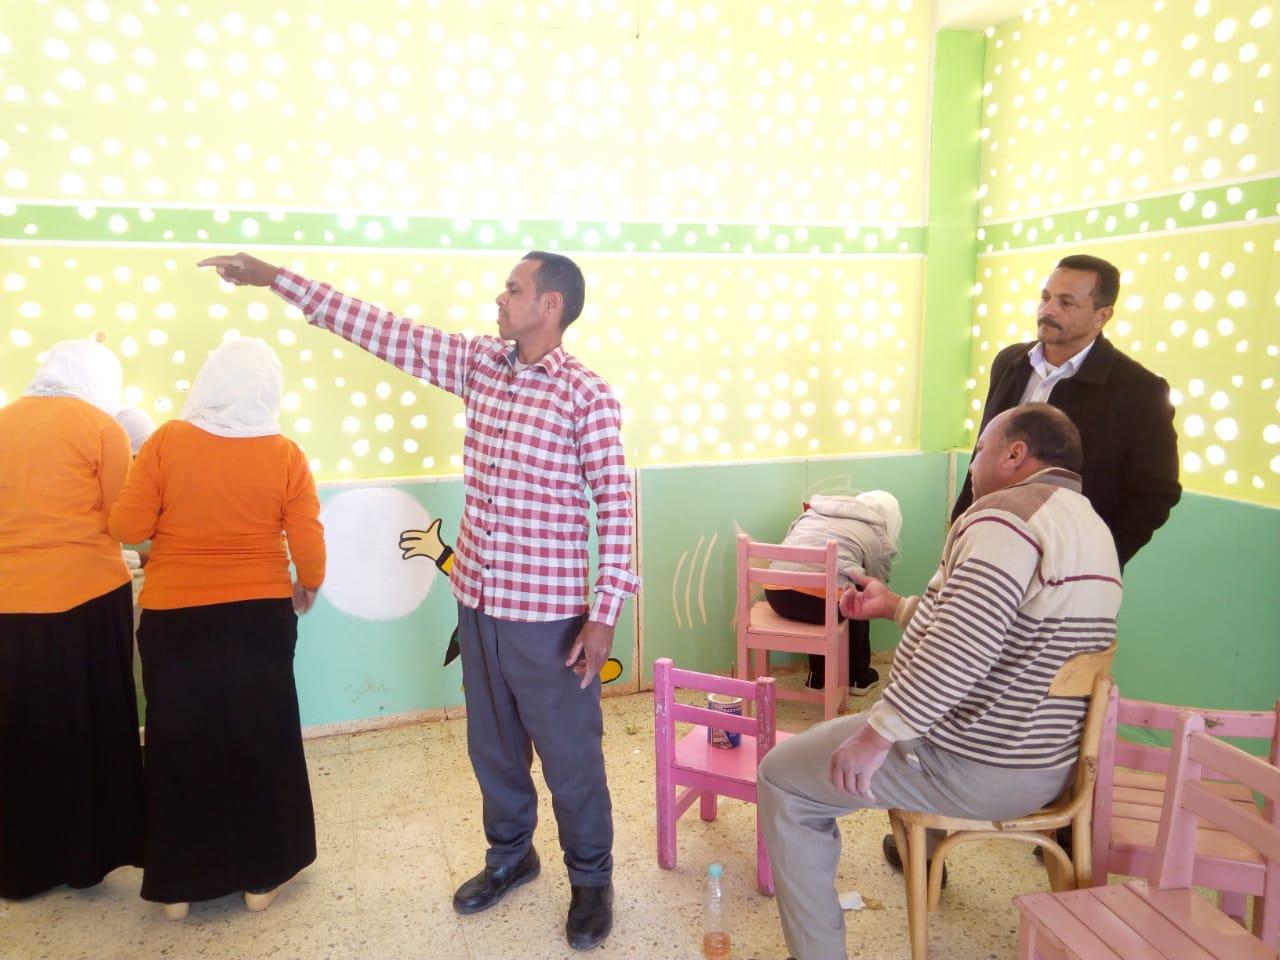 طالبات مدرسة موط الفنية ينفذن مبادرة تجميل أسوار المدارس بلوحات جدارية (6)